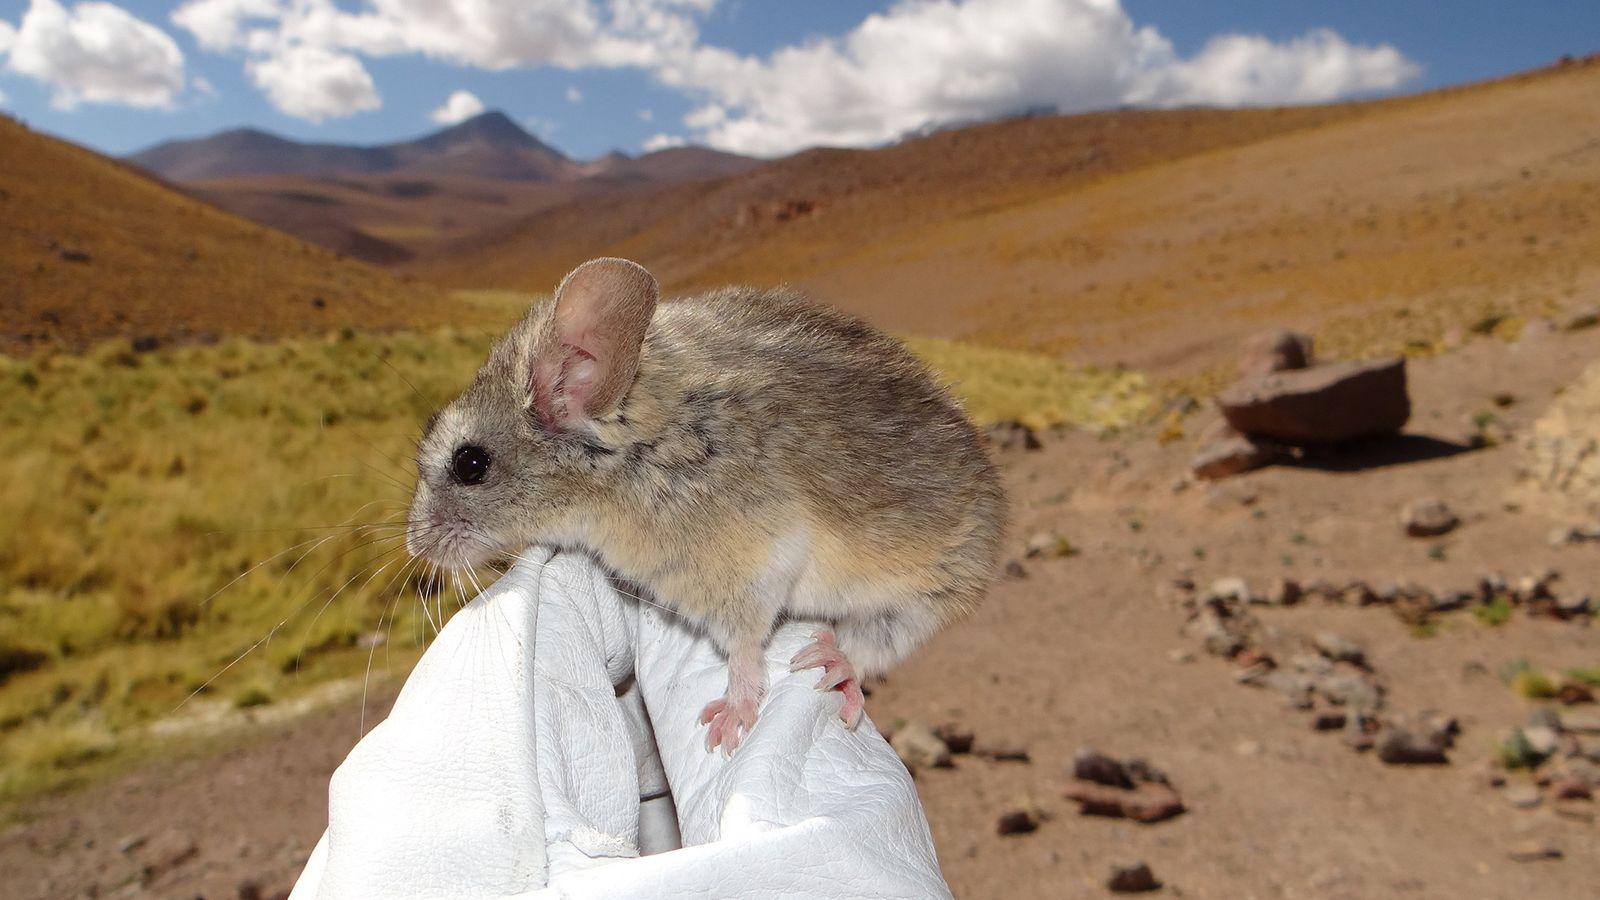 O pequeno rato 'Phyllotis xanthopygus' em cima da luva de um investigador, nas enormes altitudes da ...